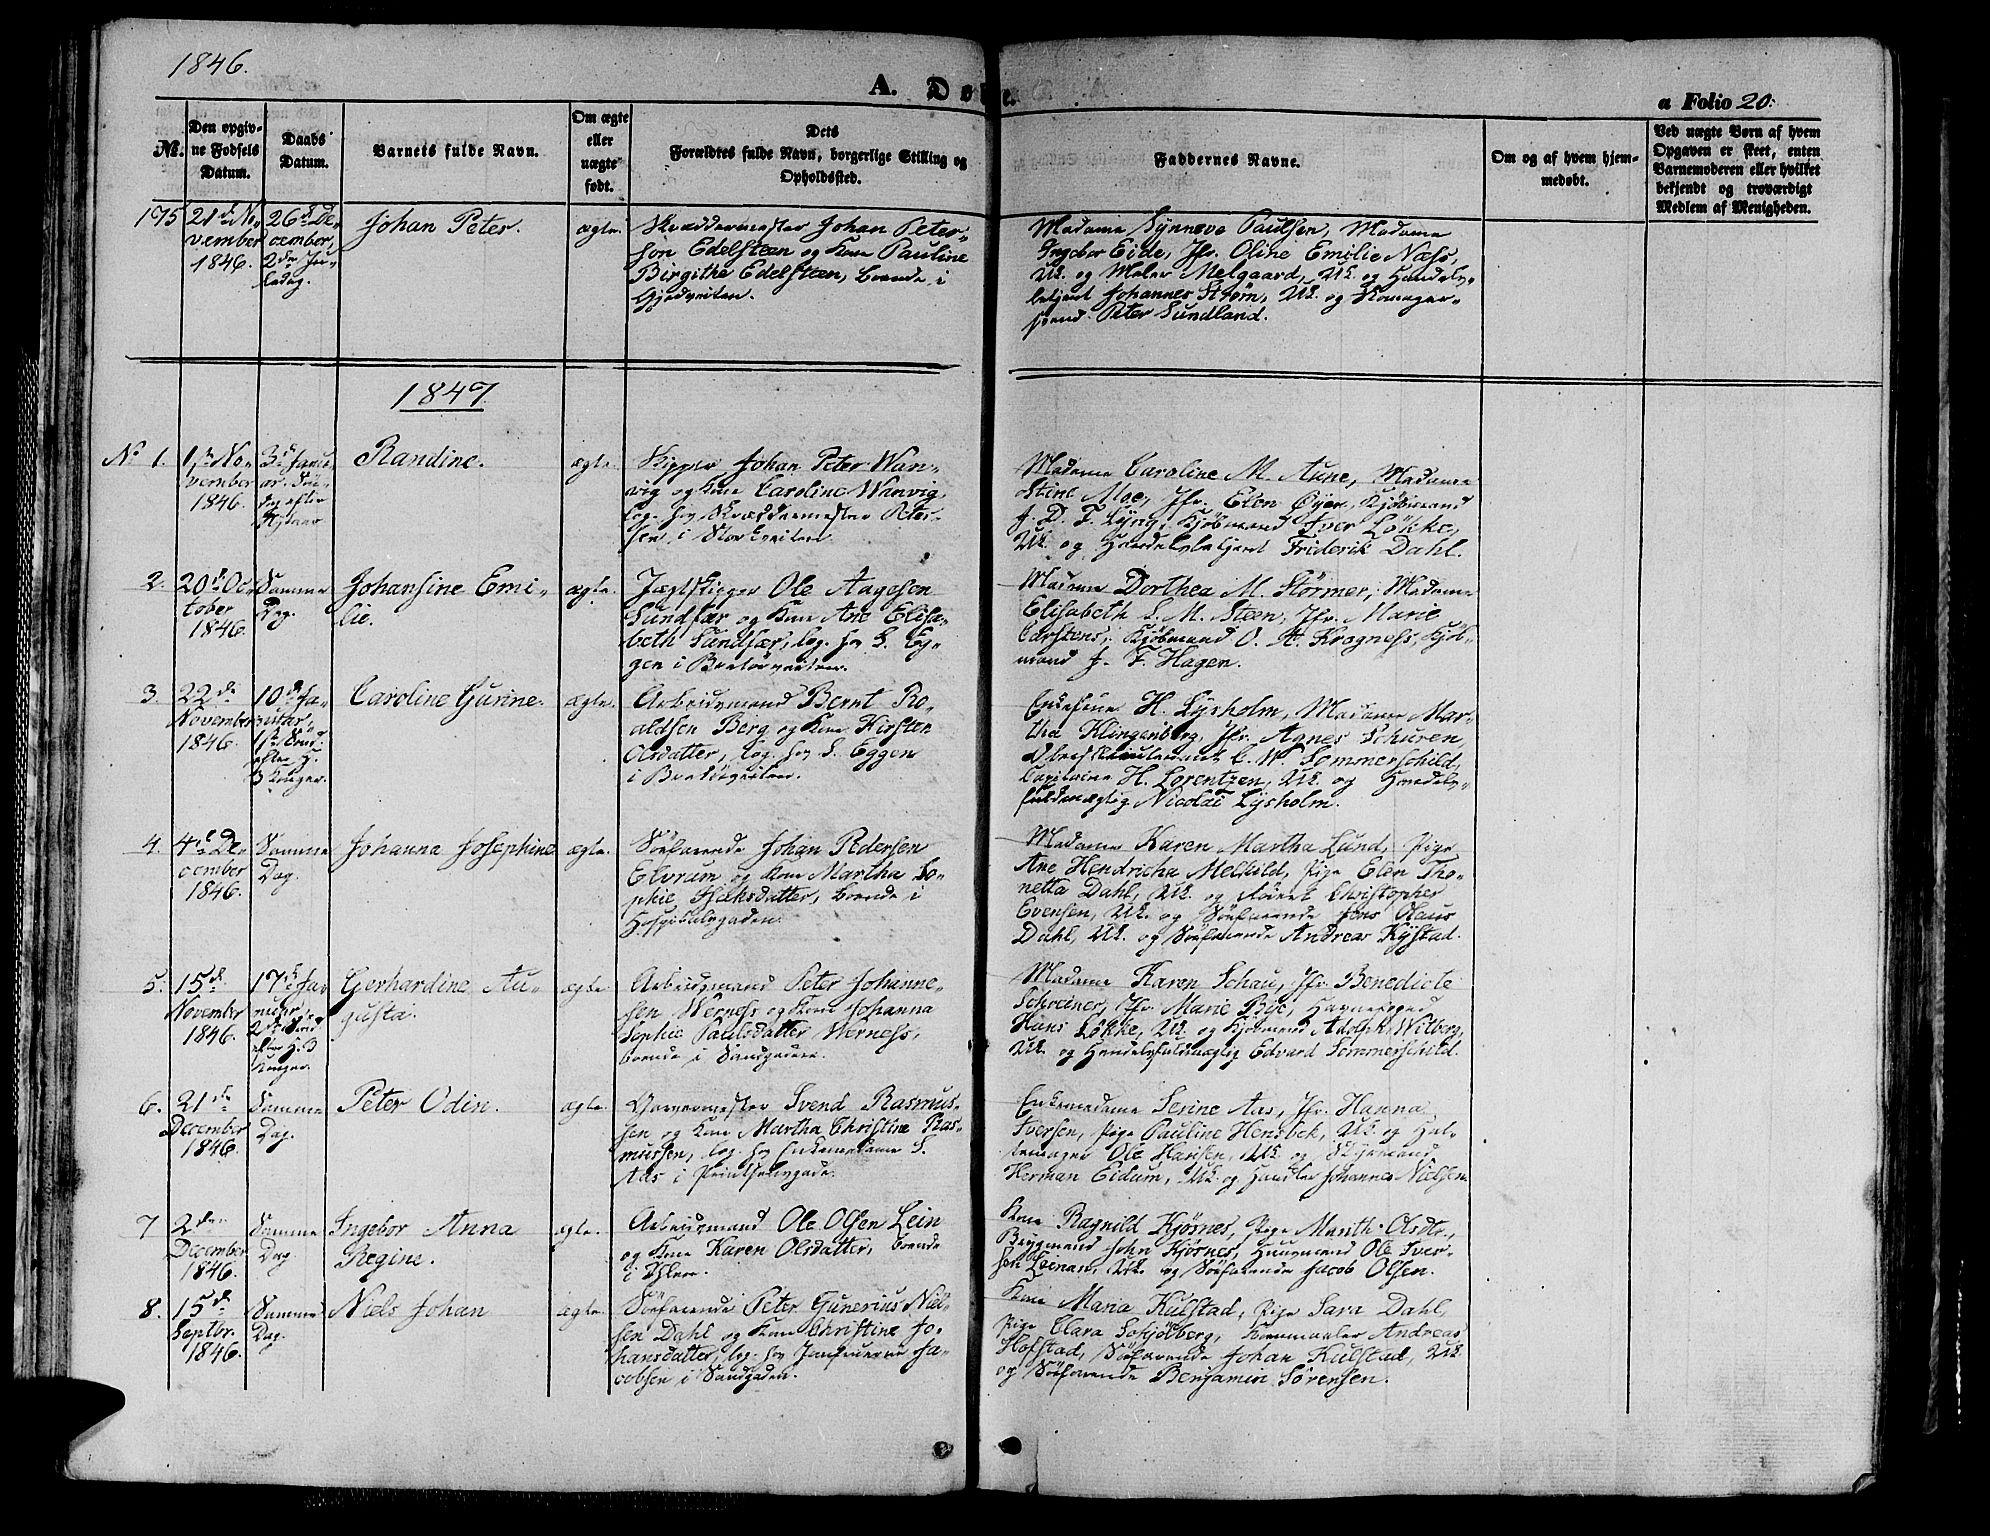 SAT, Ministerialprotokoller, klokkerbøker og fødselsregistre - Sør-Trøndelag, 602/L0137: Klokkerbok nr. 602C05, 1846-1856, s. 20